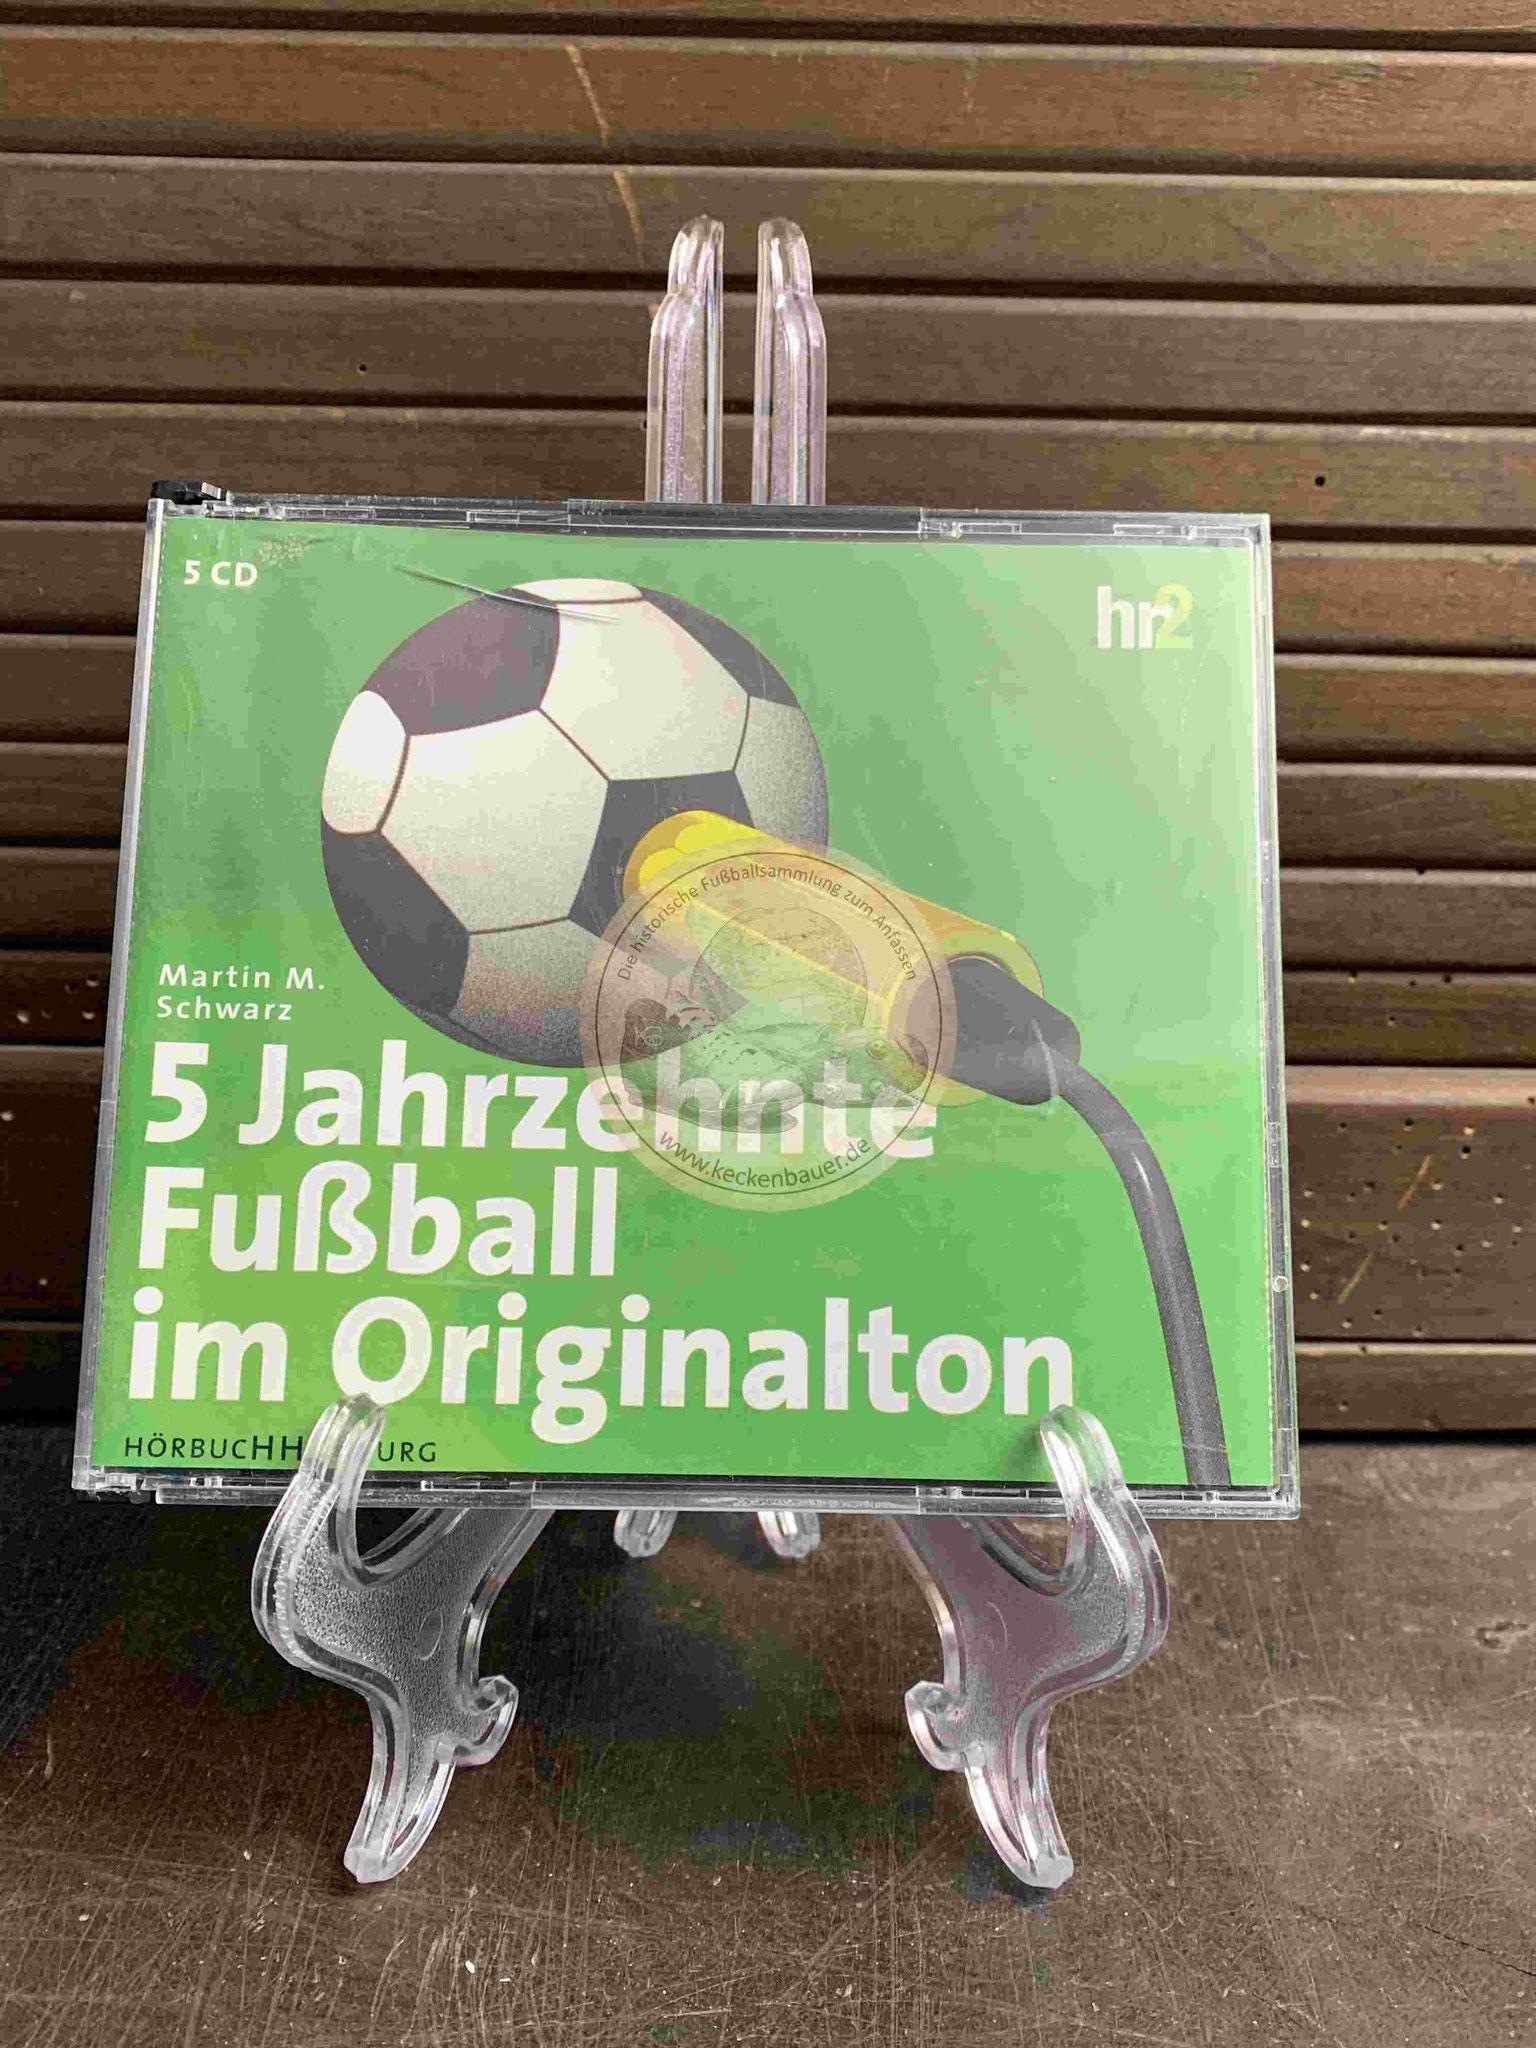 2000 5 Jahrzehnte Fußball im Originalton